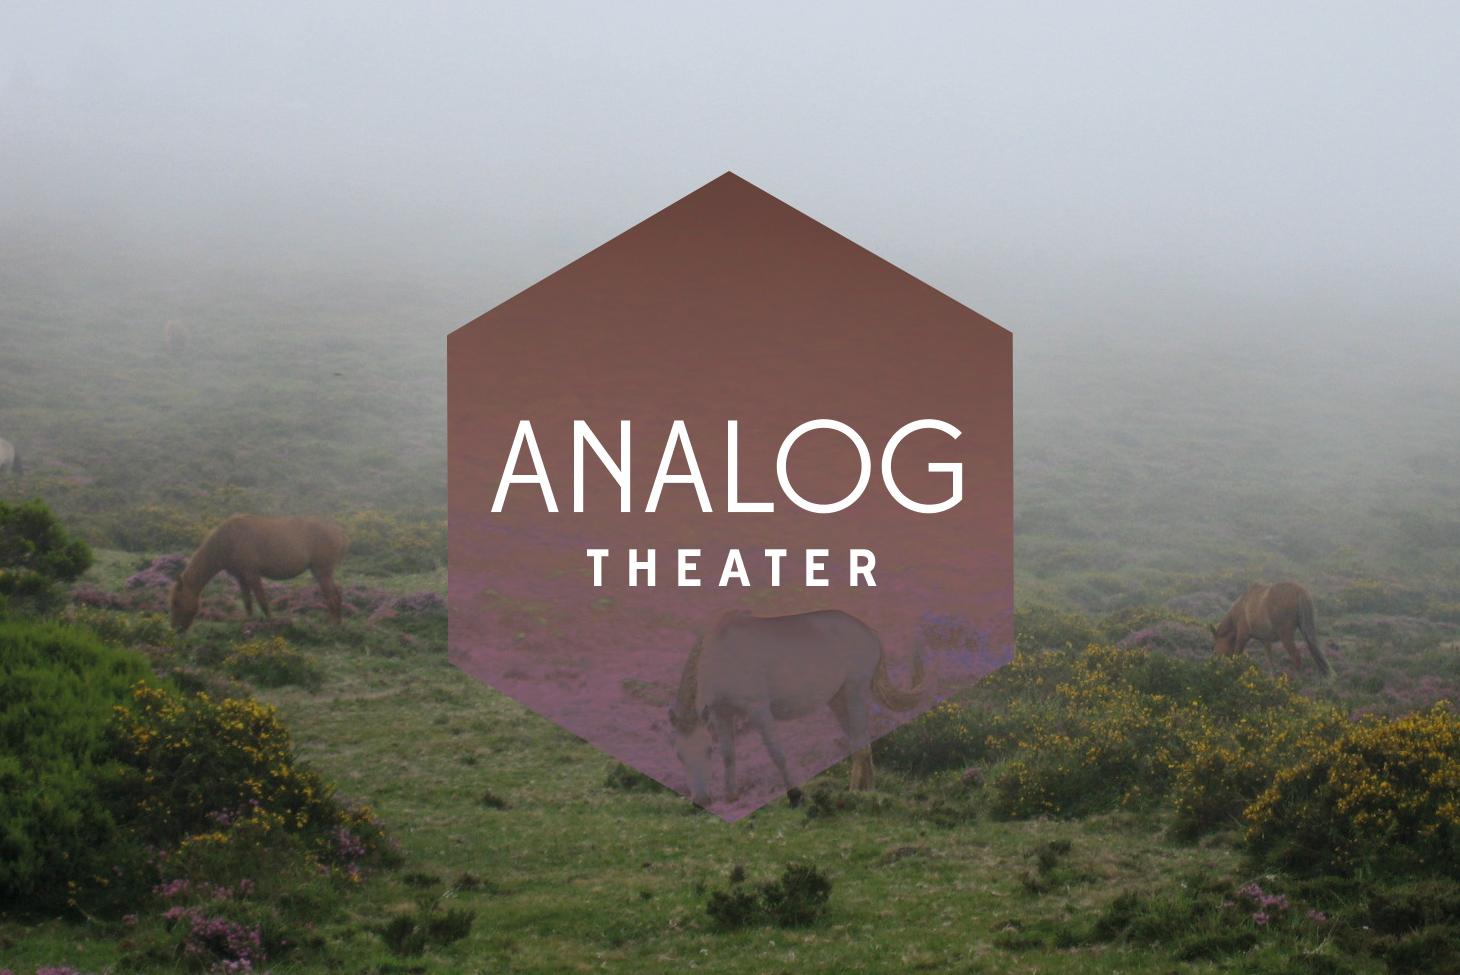 analogtheater_02